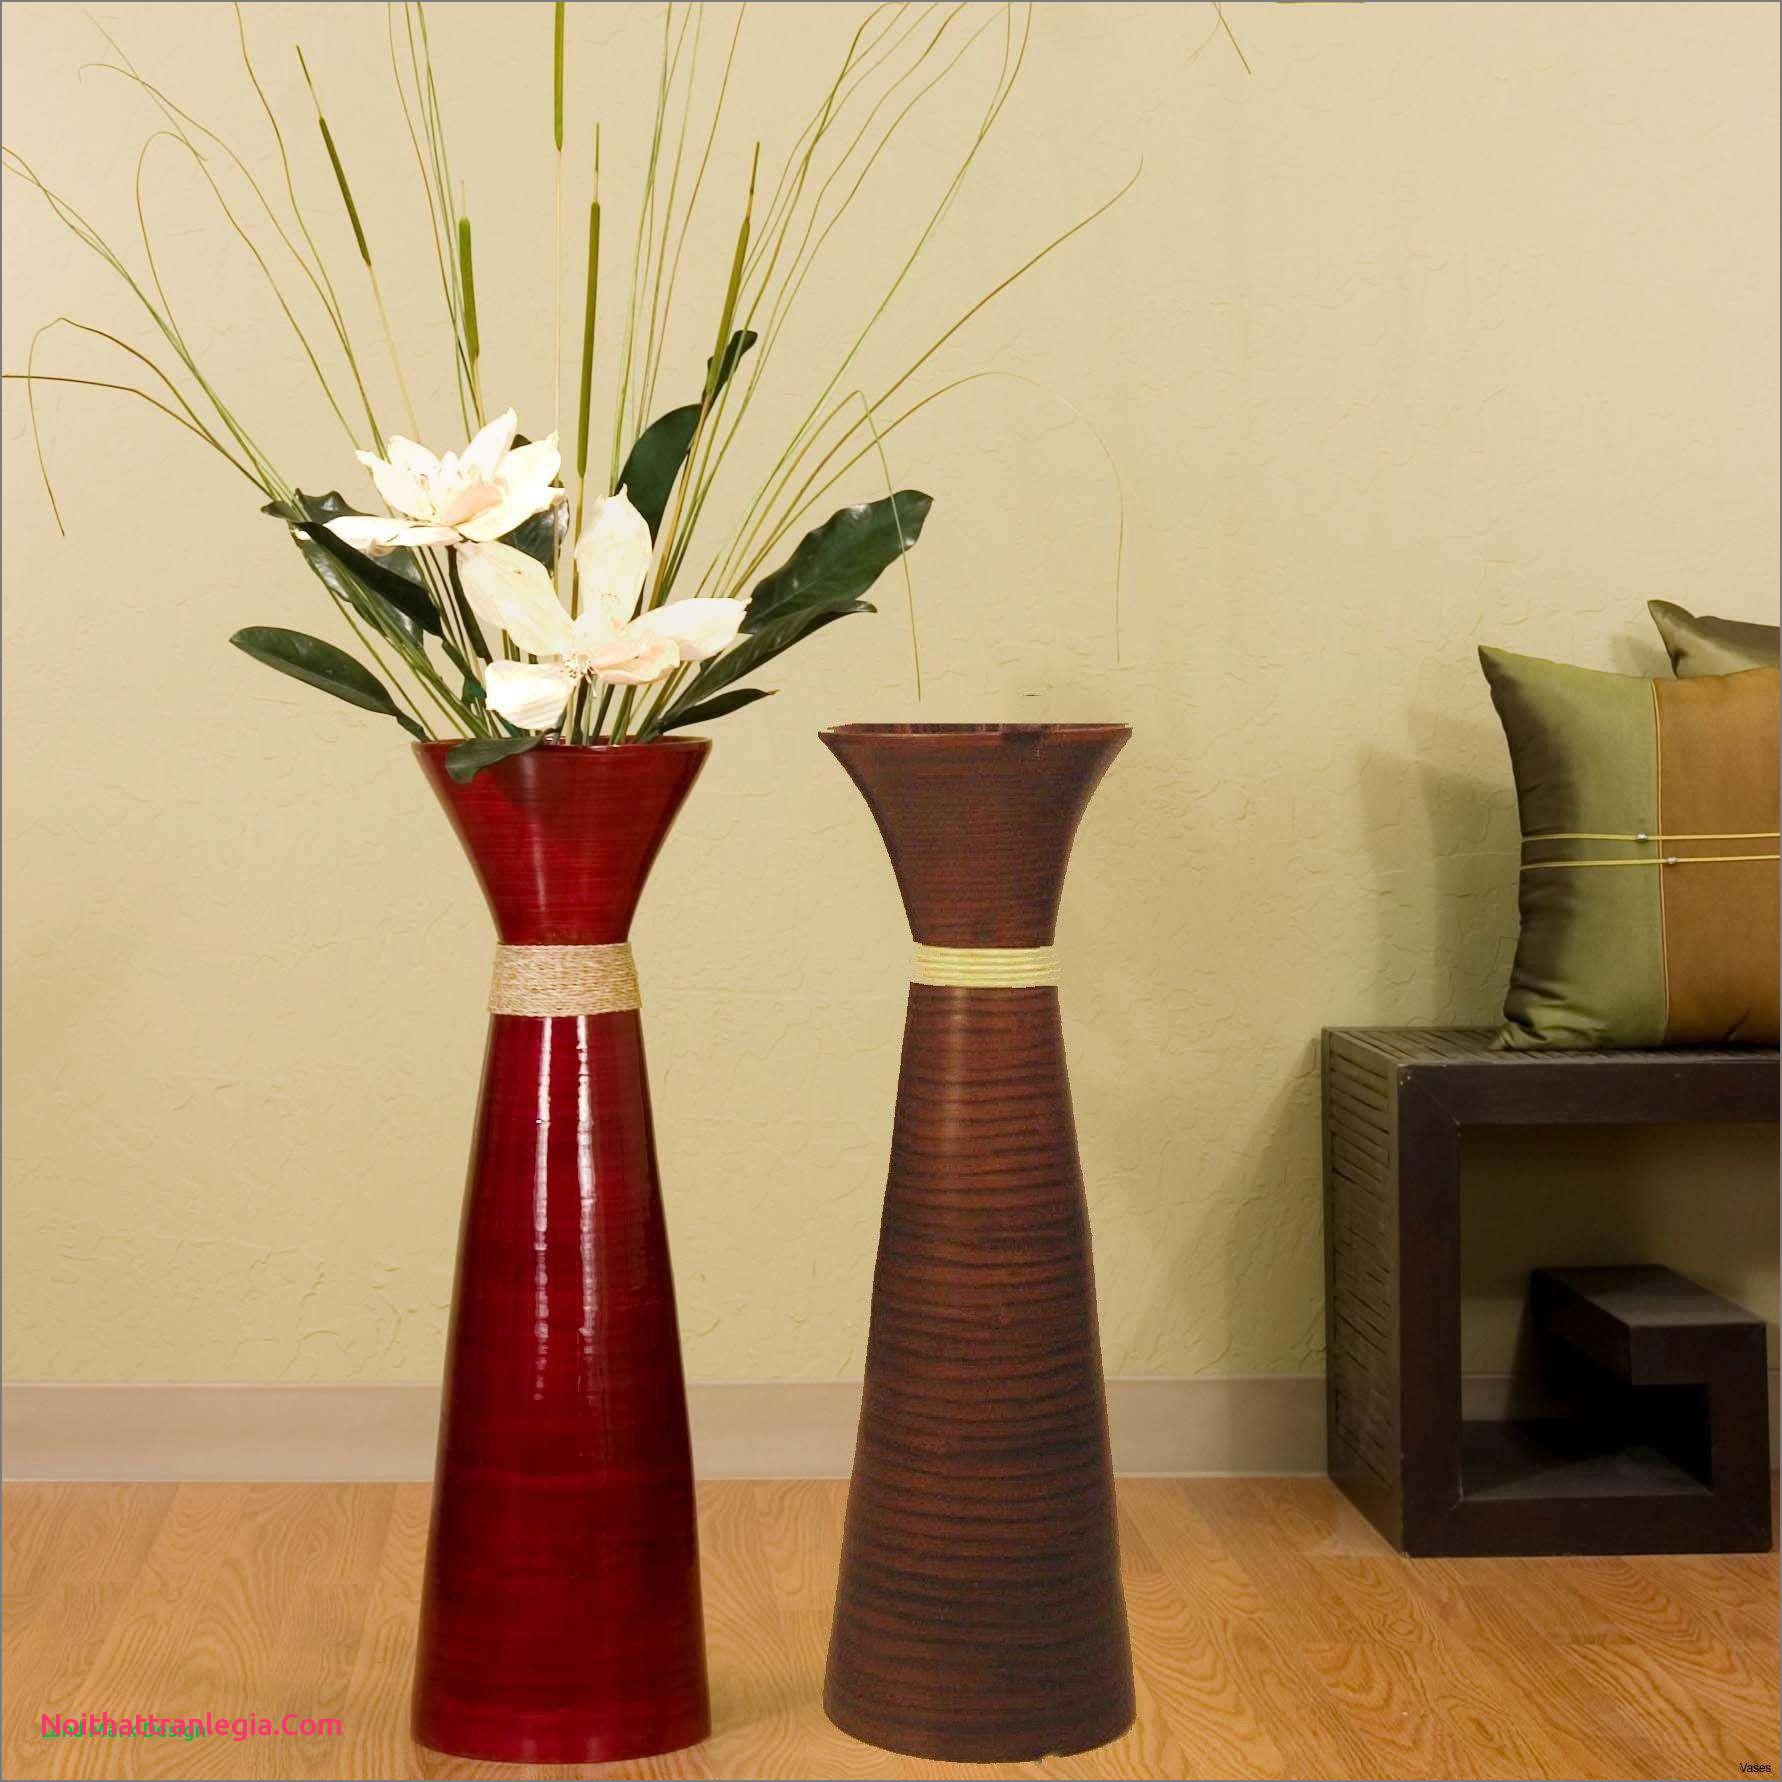 gold mercury pedestal vase of 20 large floor vase nz noithattranlegia vases design intended for full size of living room wooden vase best of vases flower floor vase with flowersi large